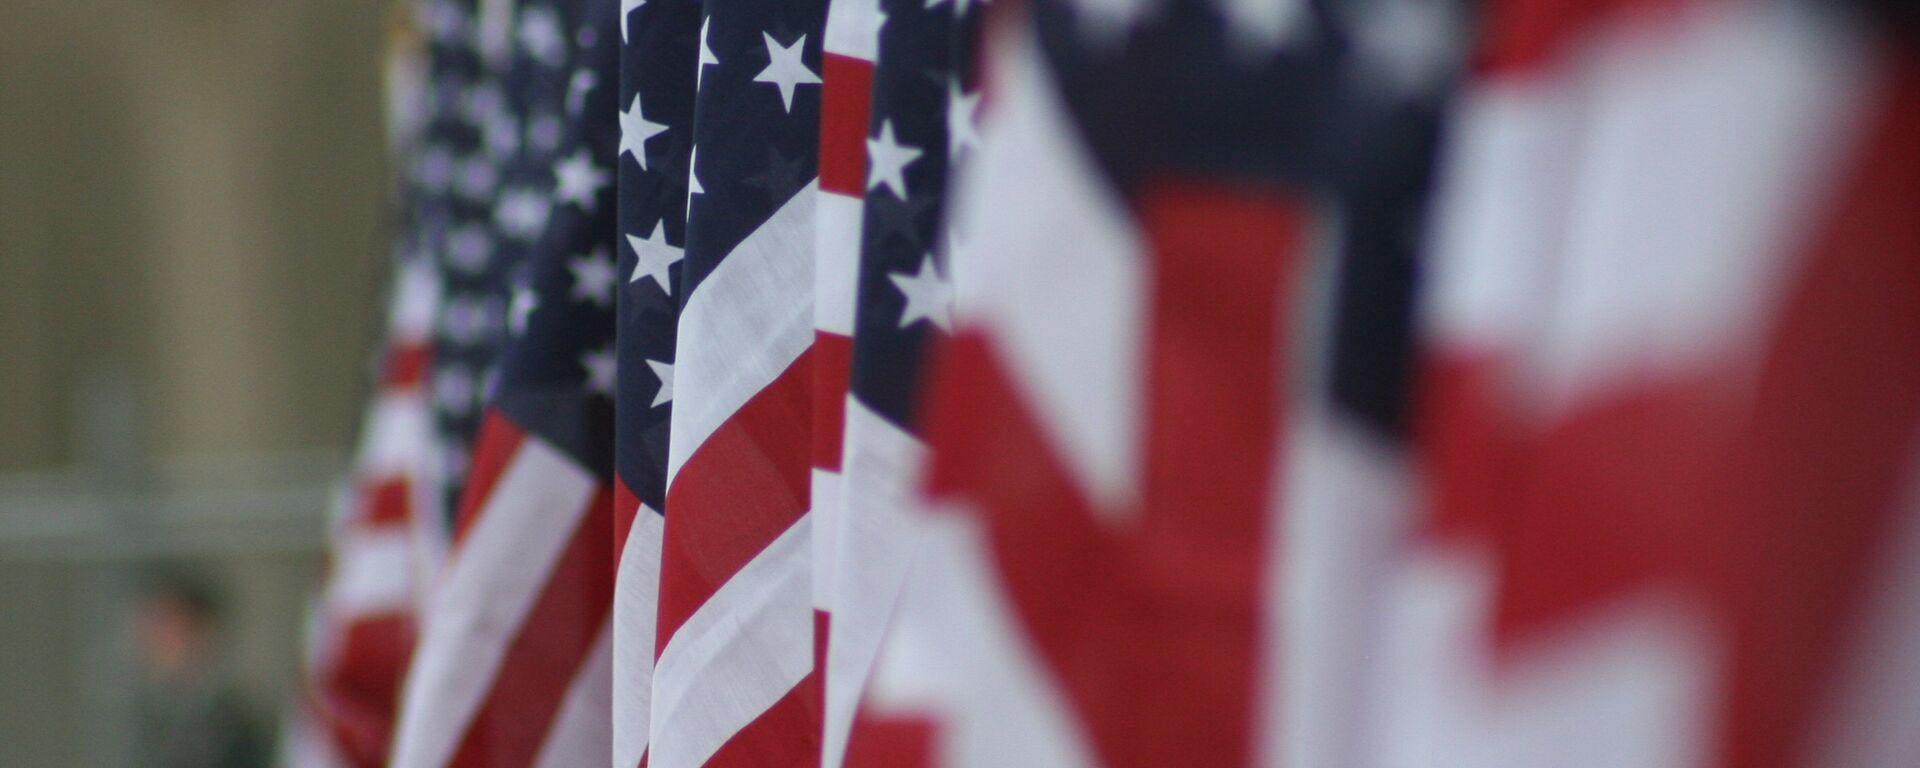 Las banderas de EEUU - Sputnik Mundo, 1920, 21.06.2021